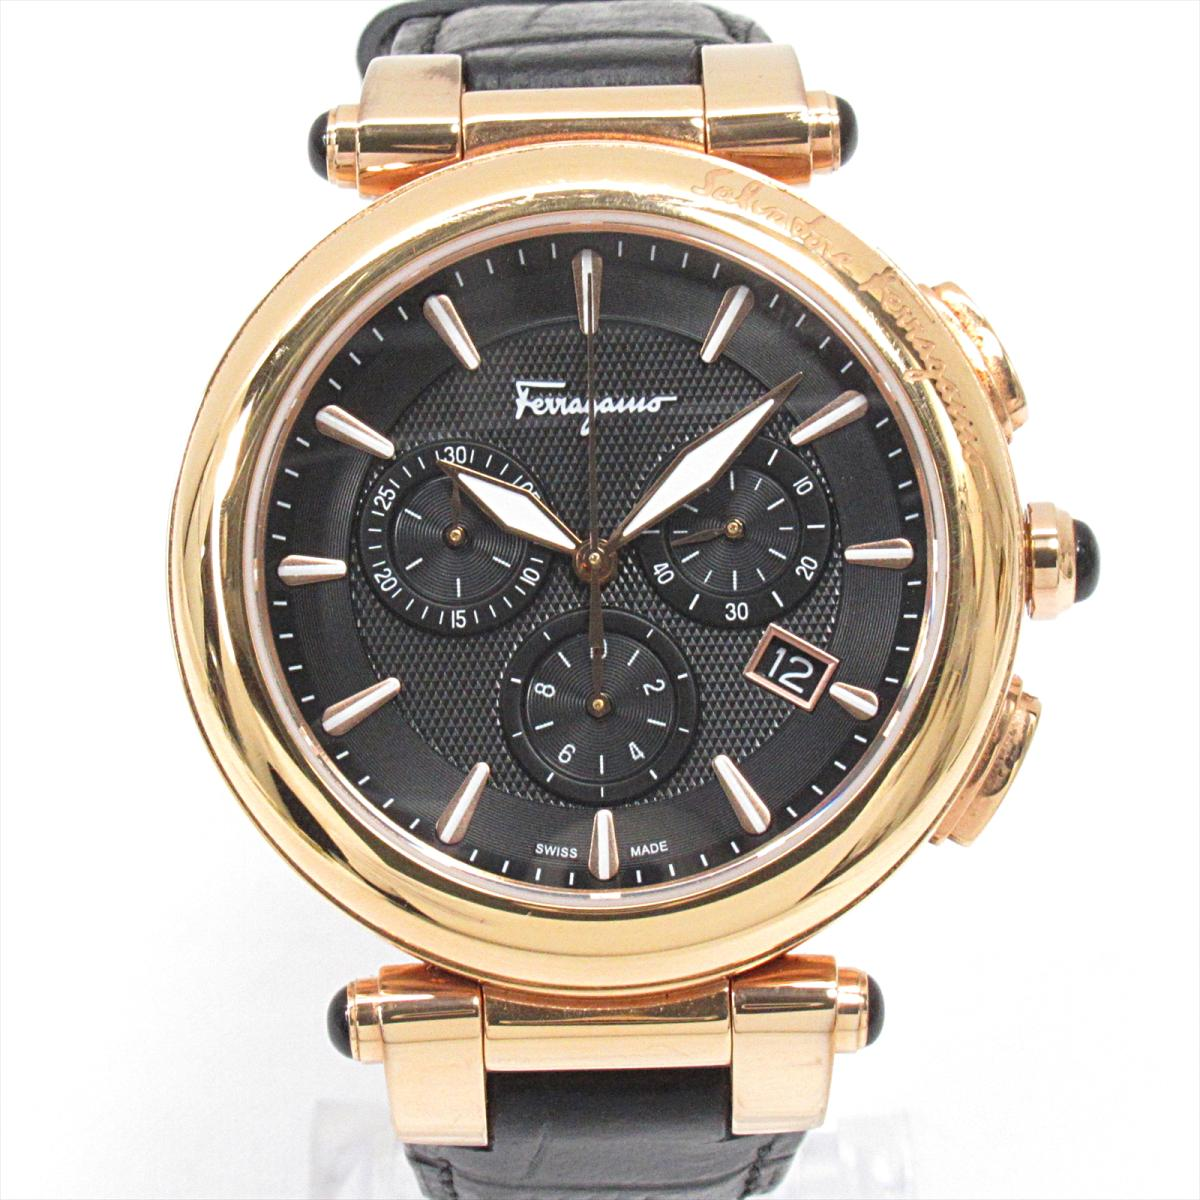 【中古】 サルヴァトーレ・フェラガモ 腕時計 ウォッチ メンズ ステンレススチール (SS) レザーベルト | Salvatore Ferragamo BRANDOFF ブランドオフ ブランド ブランド時計 ブランド腕時計 時計